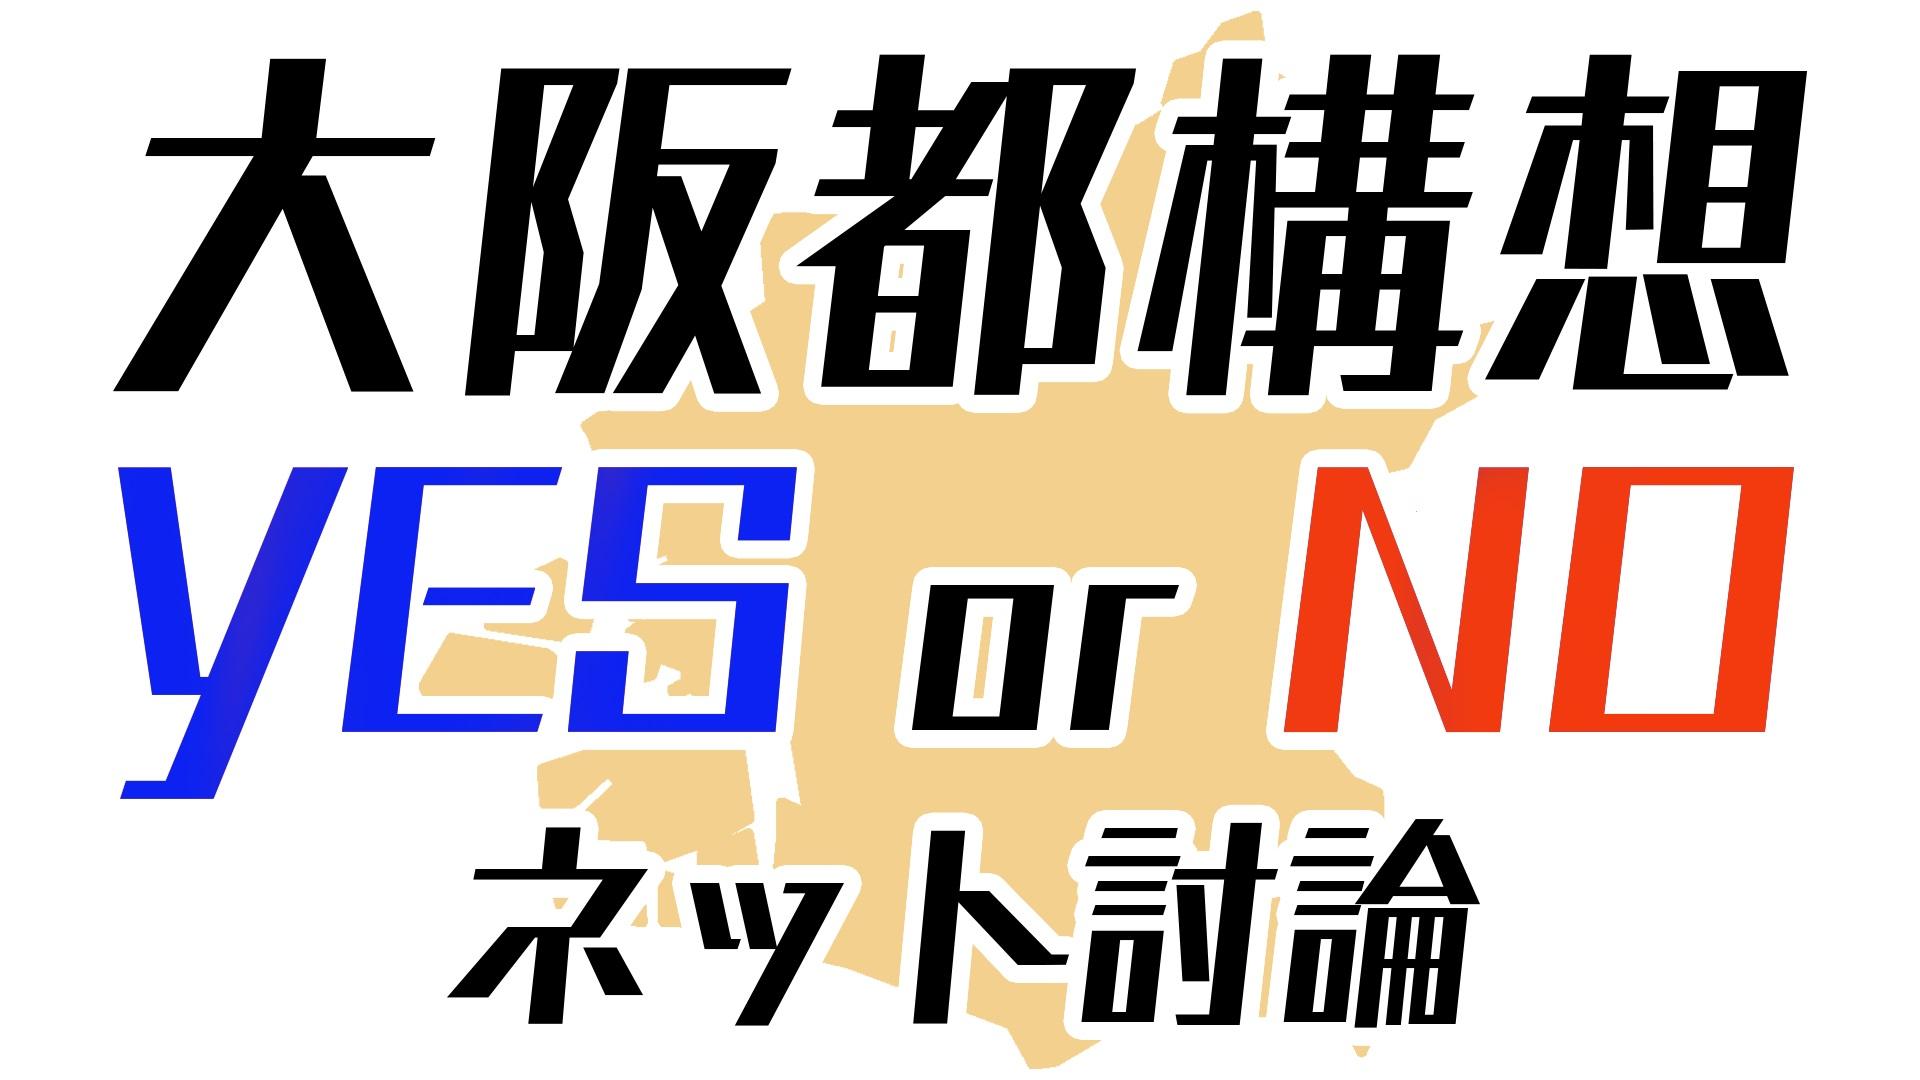 反対 大阪 派 構想 都